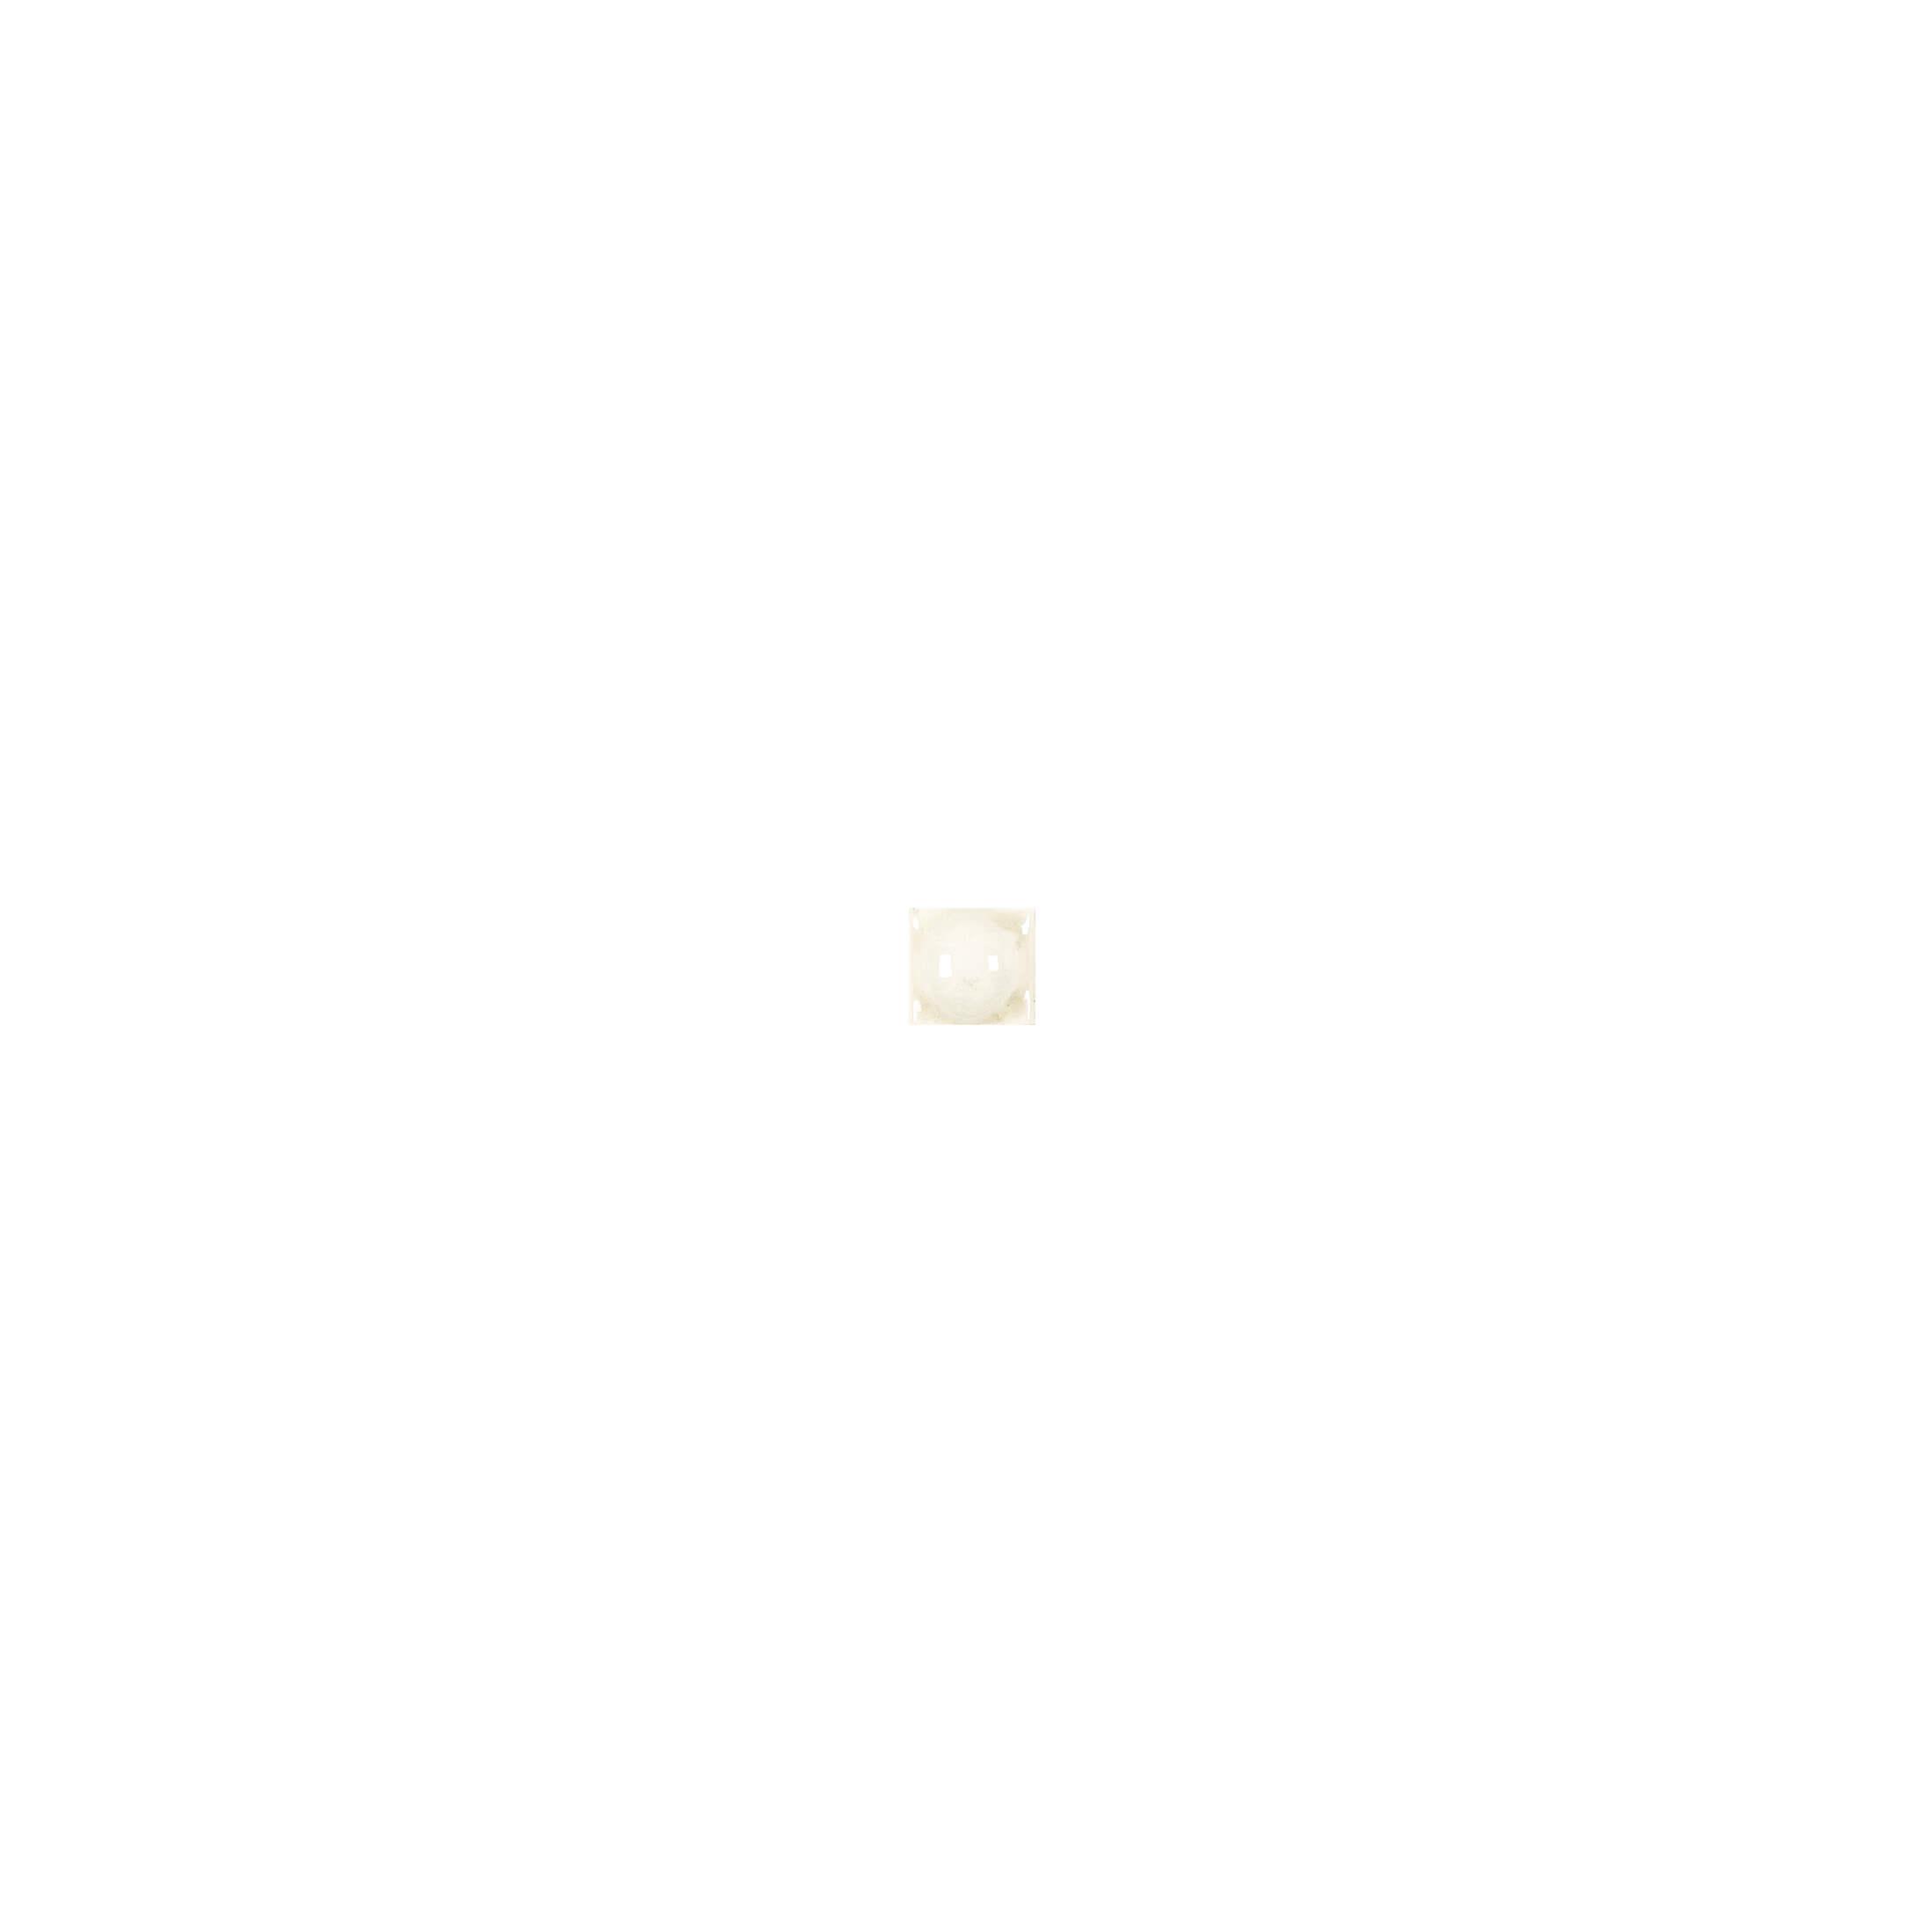 ADNE8017 - TACO ESFERA BISCUIT - 2 cm X 2 cm